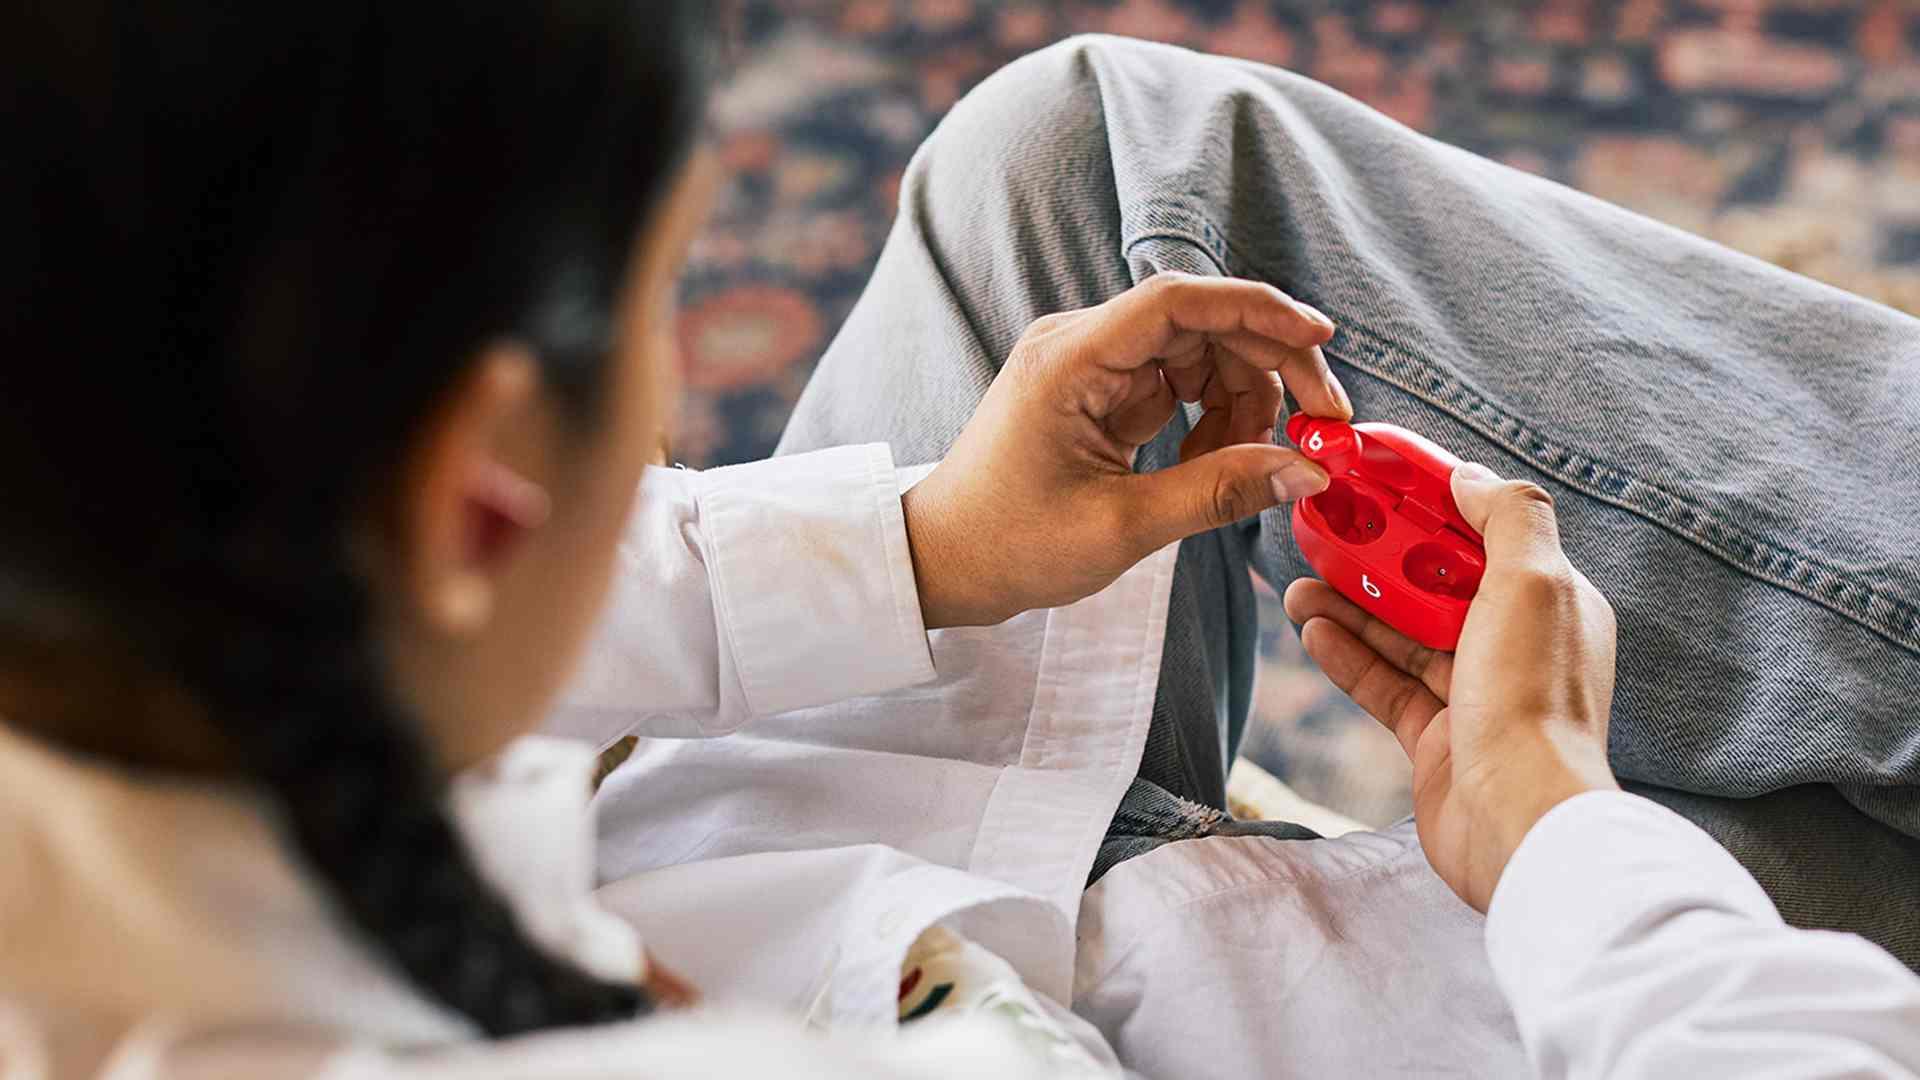 Imagem mostra pessoa tirando um fone Beats Studio Buds do estojo